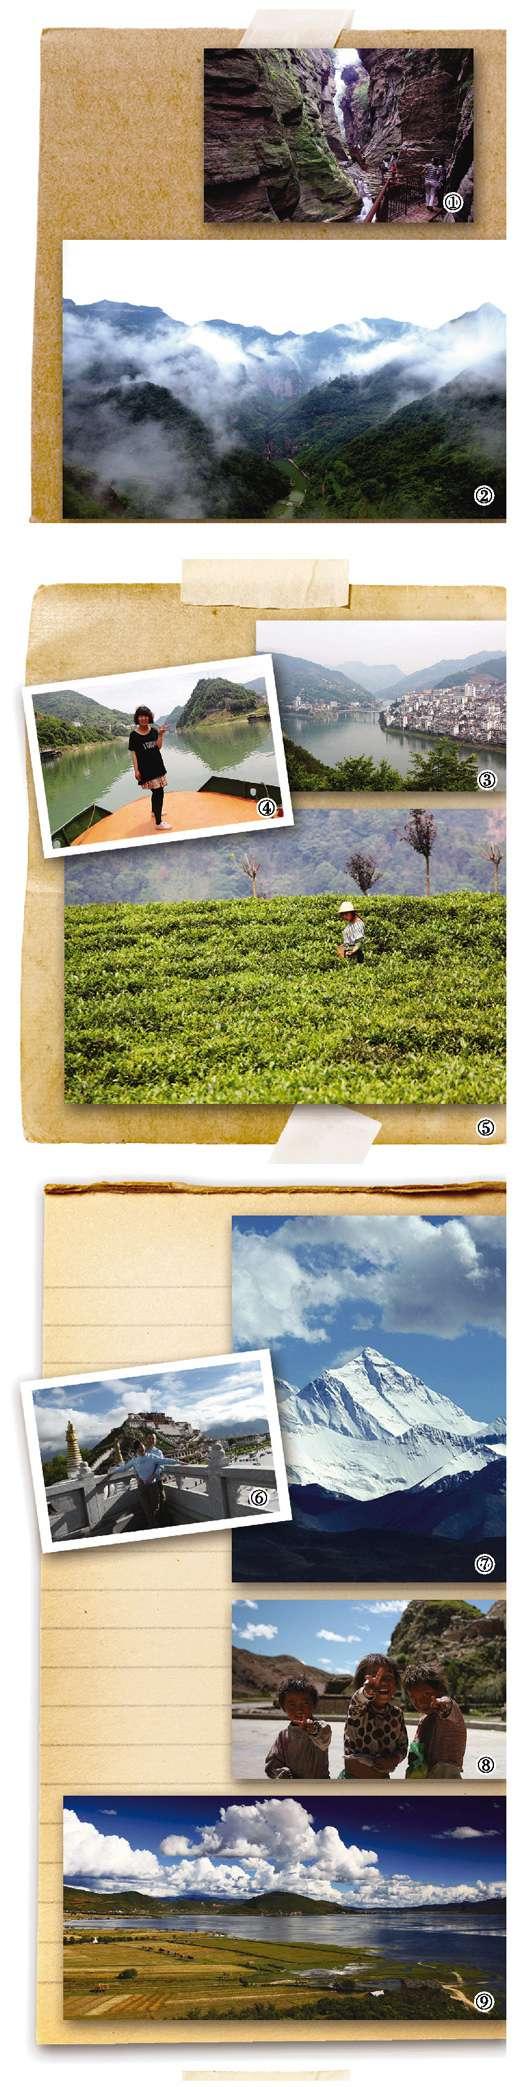 人民日报:我的旅游故事——从拉萨到丽江